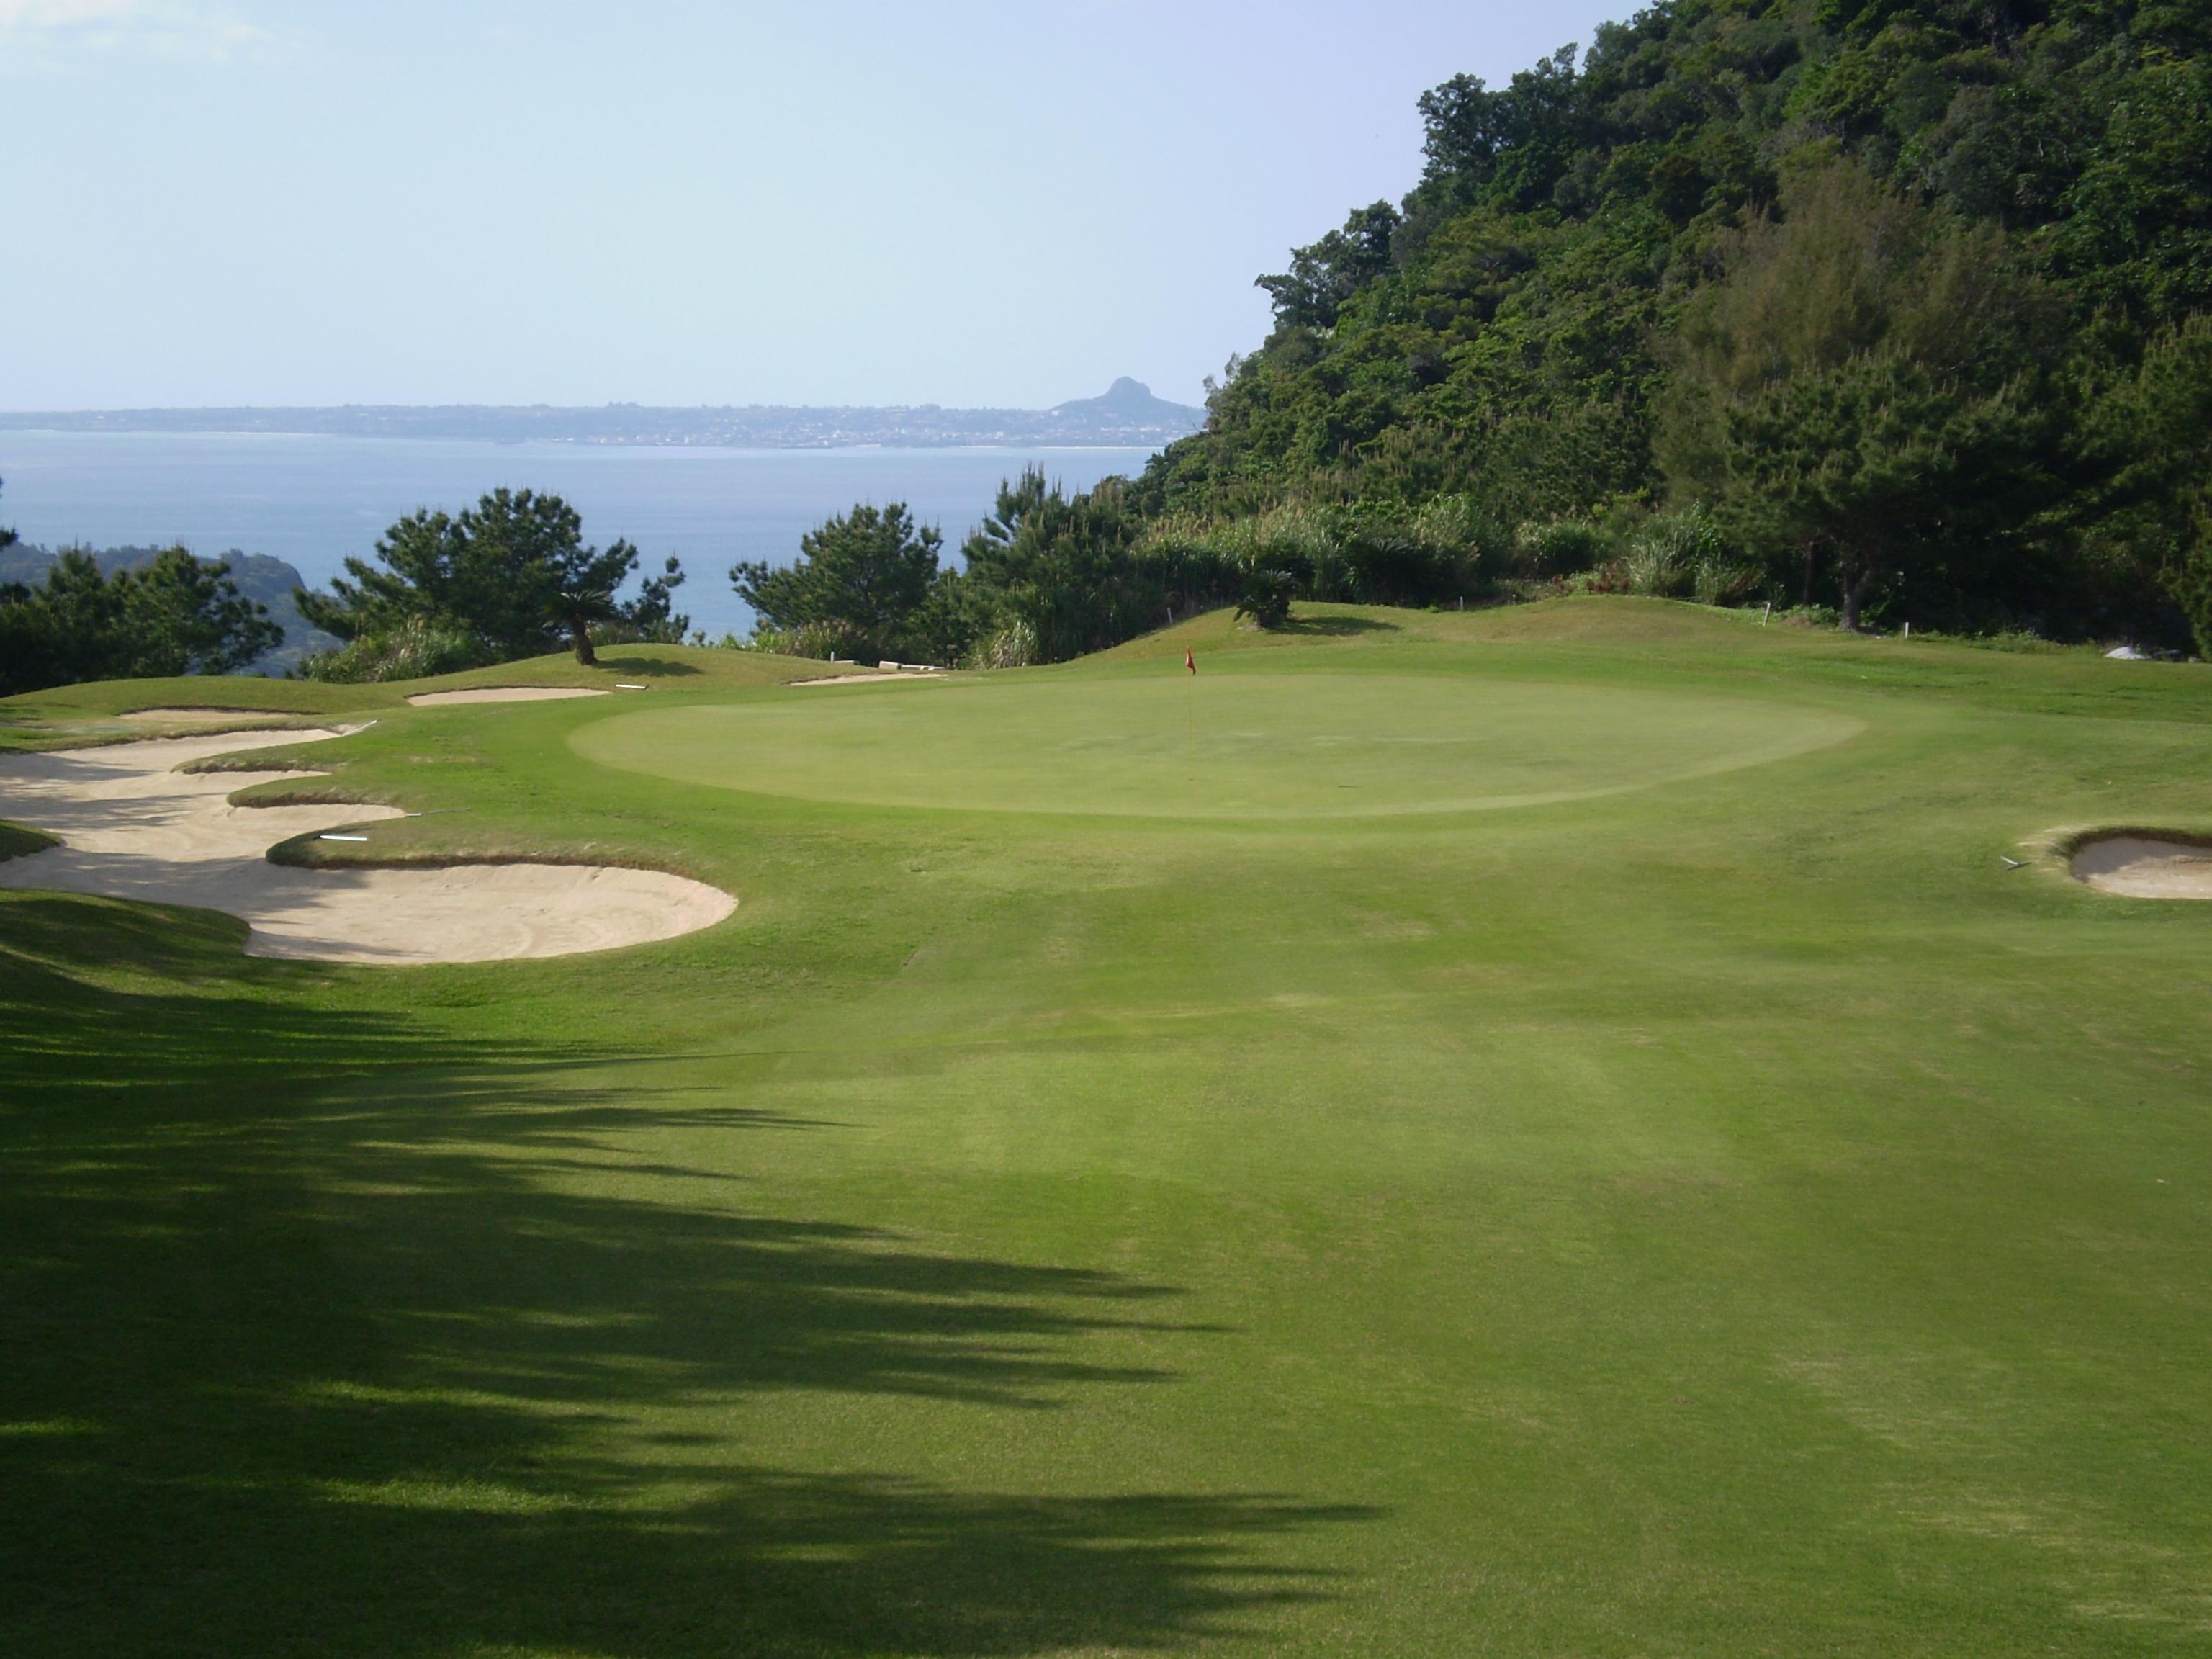 沖縄県・ベルビーチゴルフクラブ